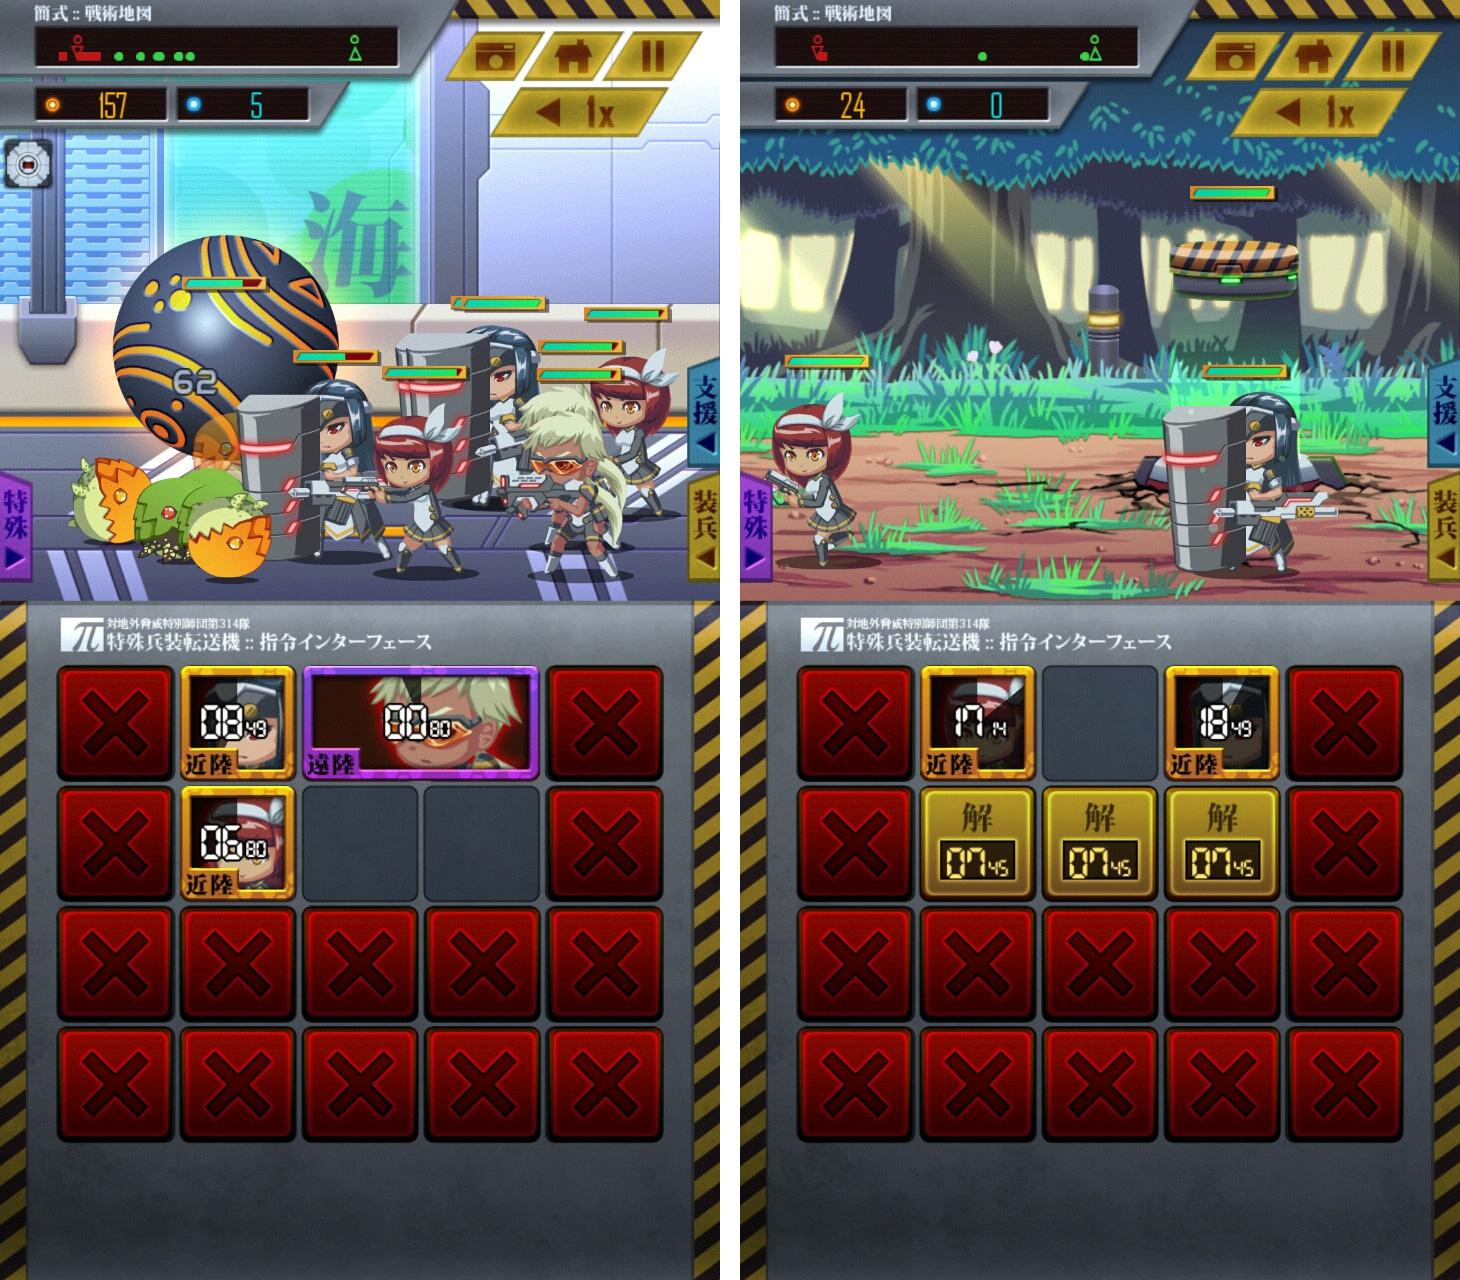 πチーム 対地外脅威特別師団第314隊 androidアプリスクリーンショット1